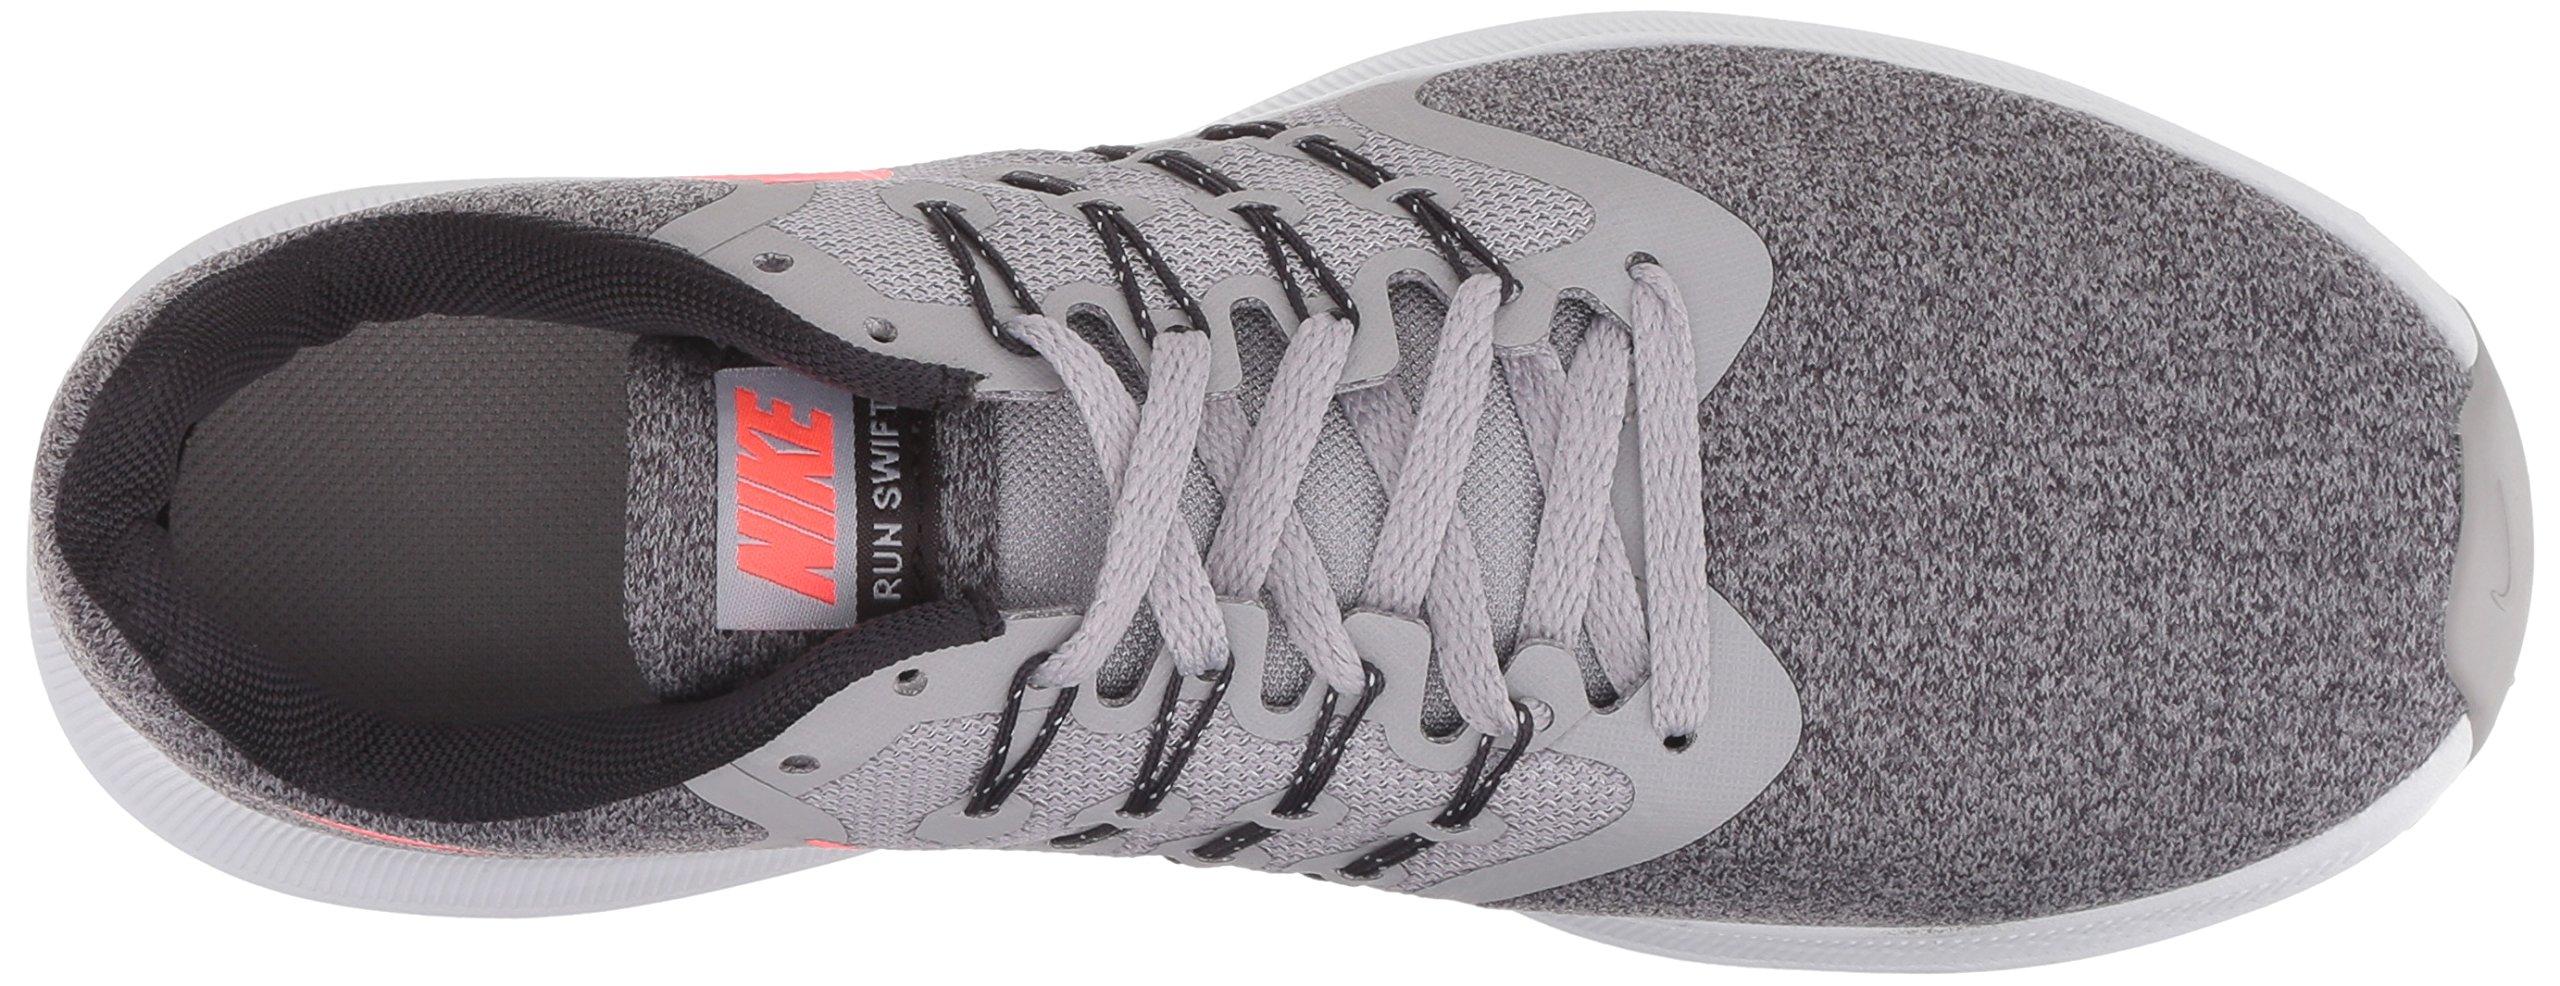 NIKE Women's Swift Running Shoe, Atmosphere Grey/Flash Crimson, 9.5 Regular US by NIKE (Image #7)